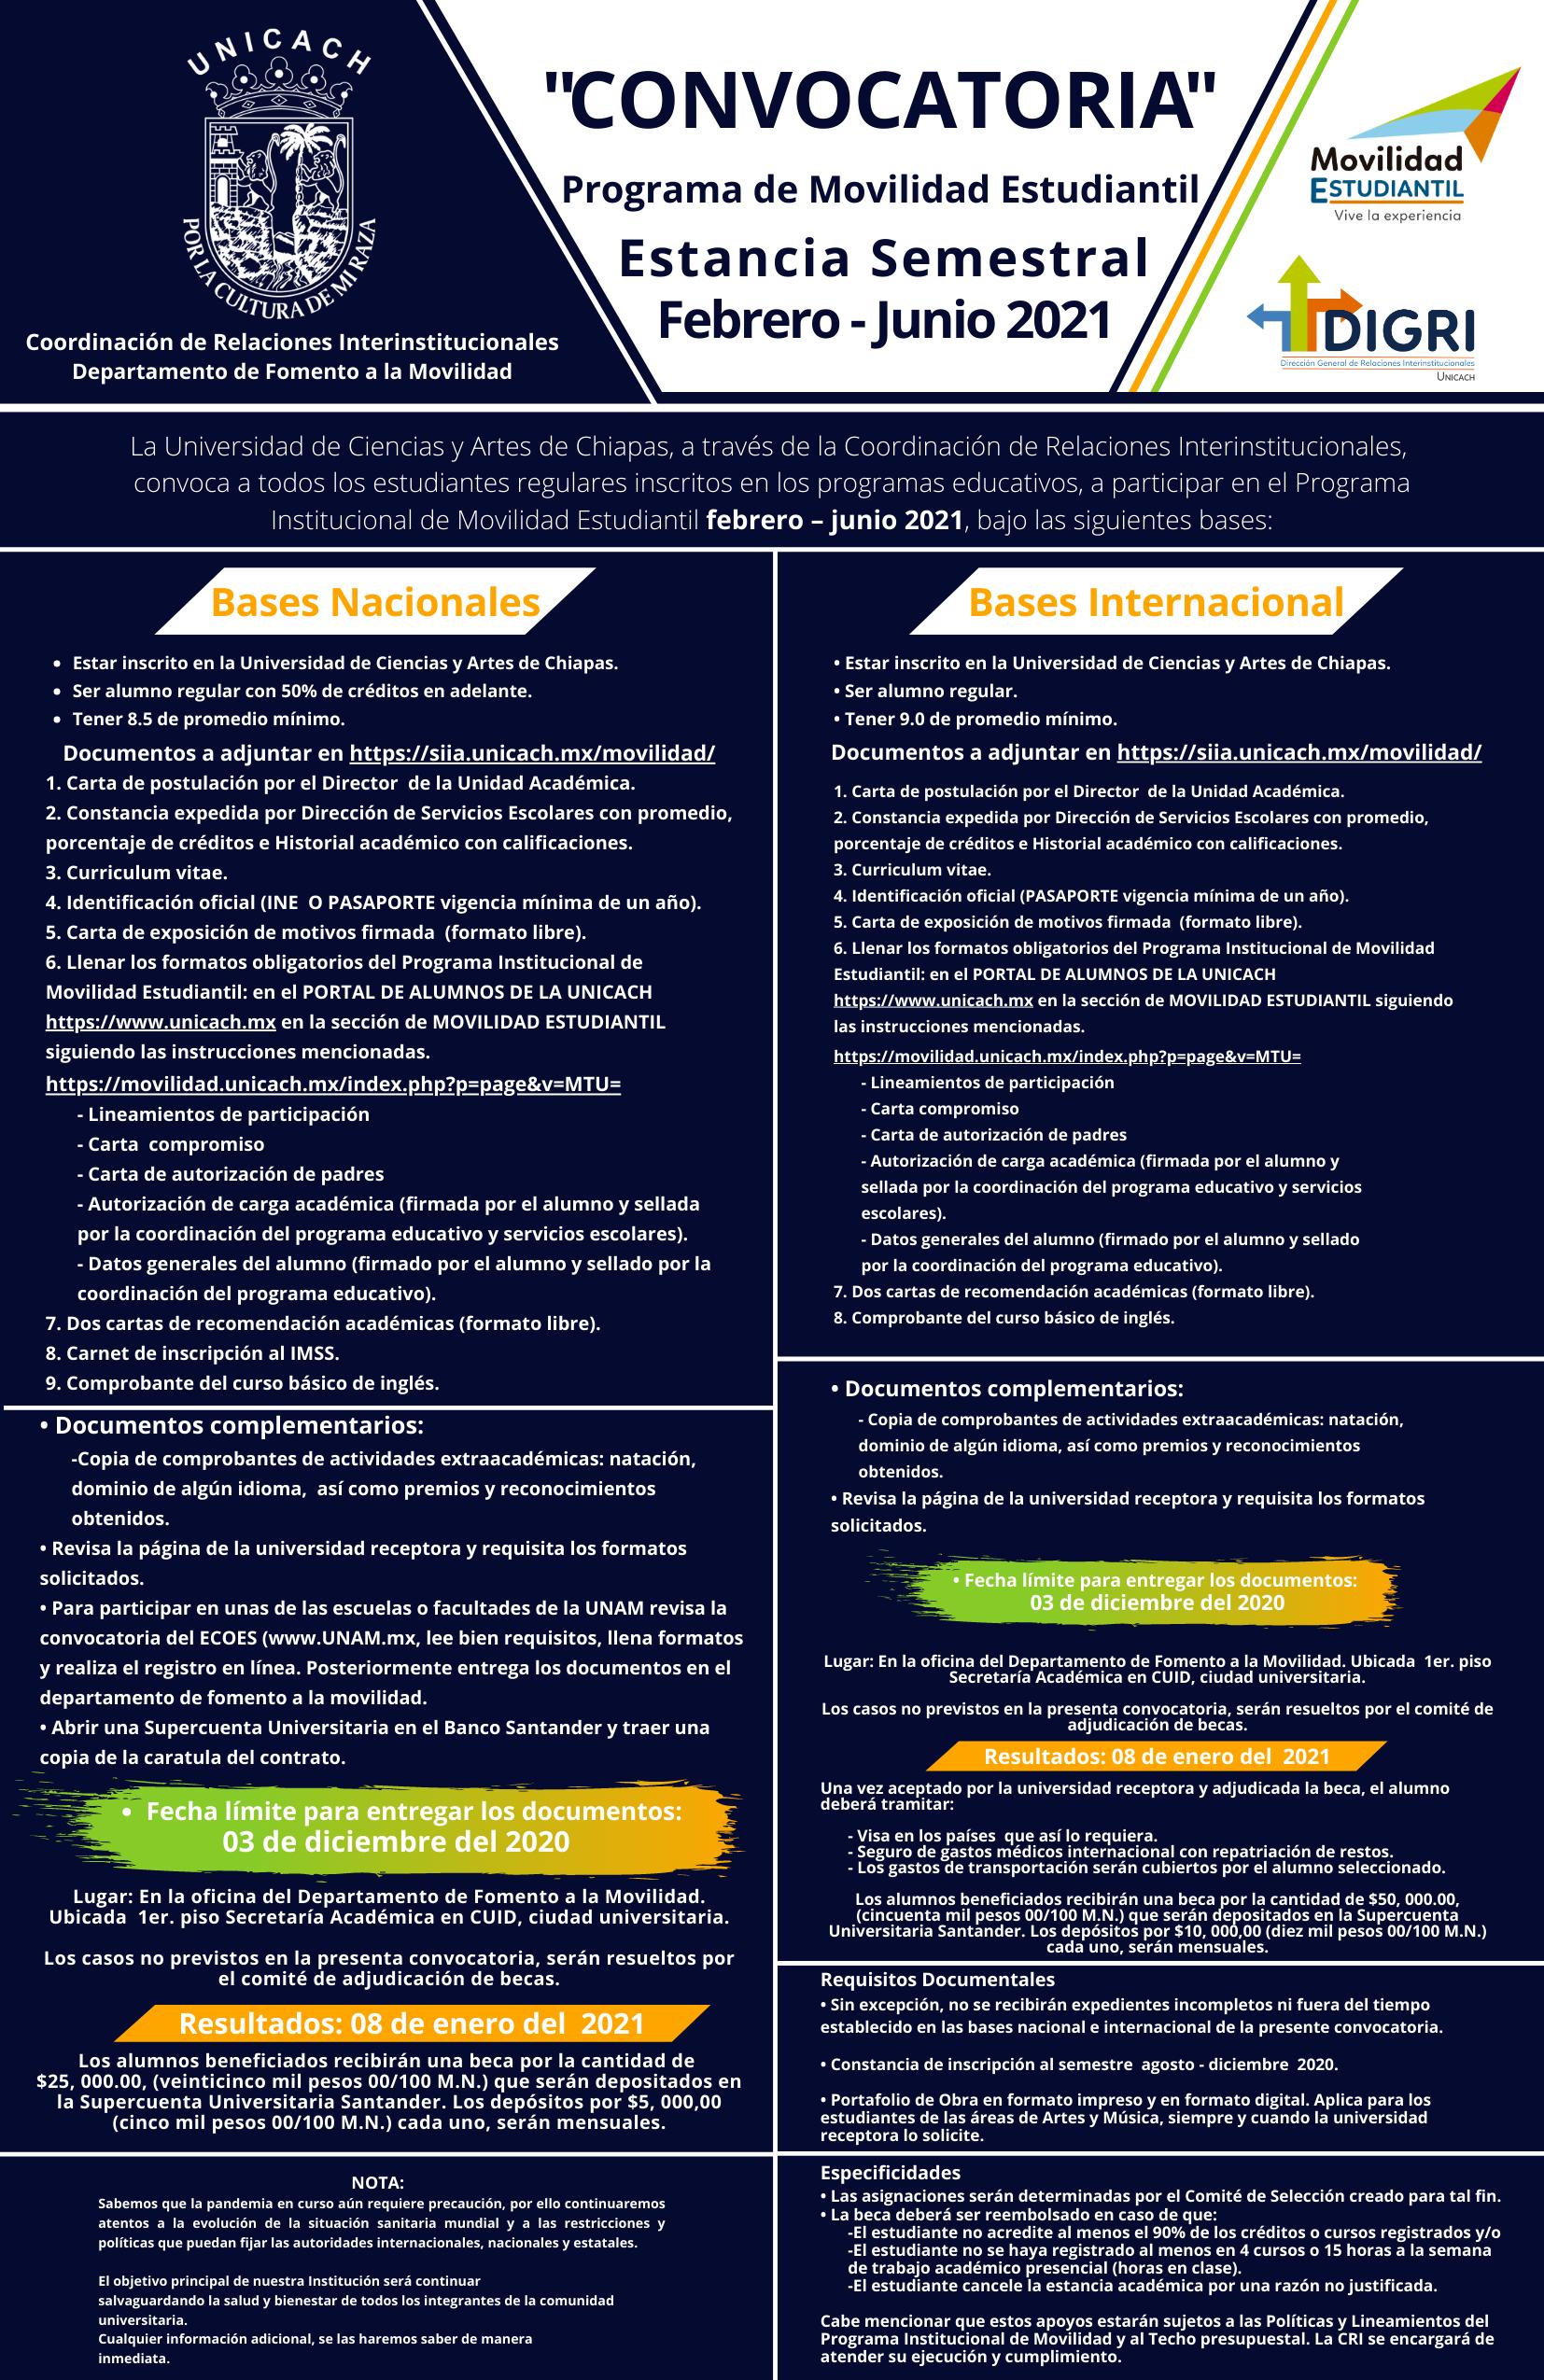 Convocatoria Estancia Semestral Febrero - Junio 2021 UNICACH (1)(1)